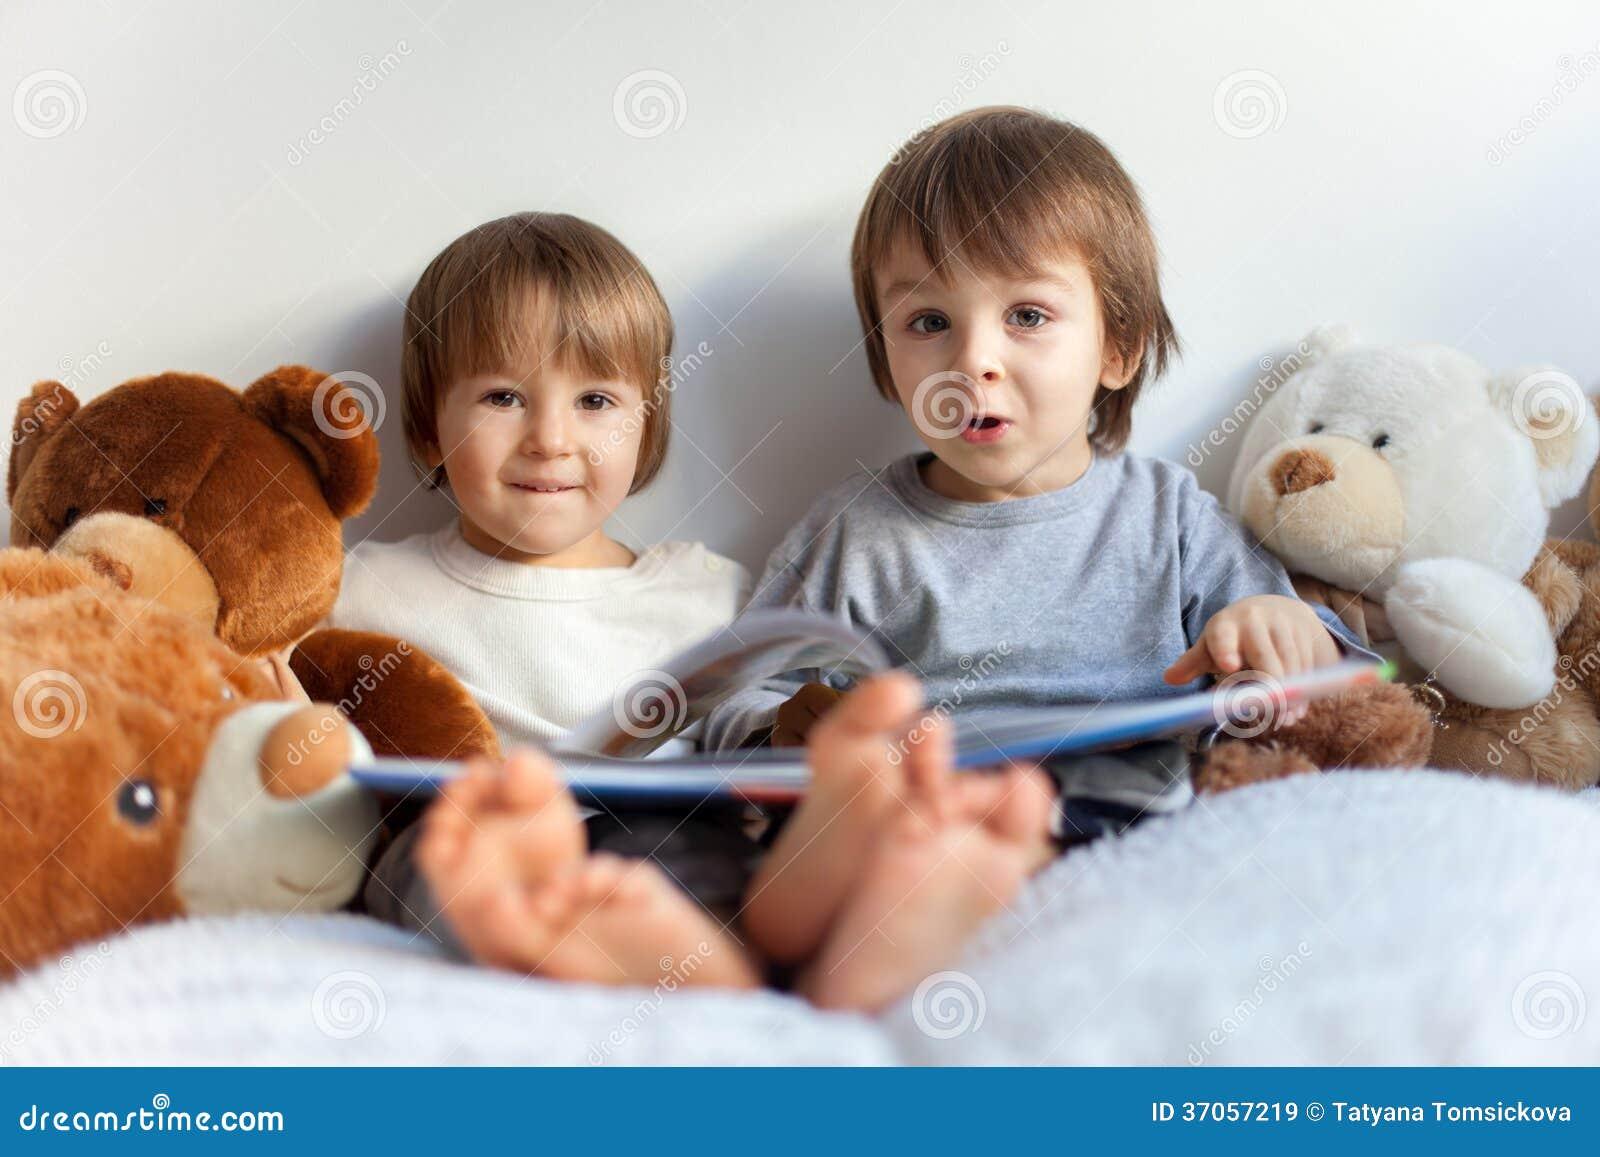 Ninos Pequenos Sentandose En La Cama Leyendo Un Libro Imagen De - Cama-para-nios-pequeos